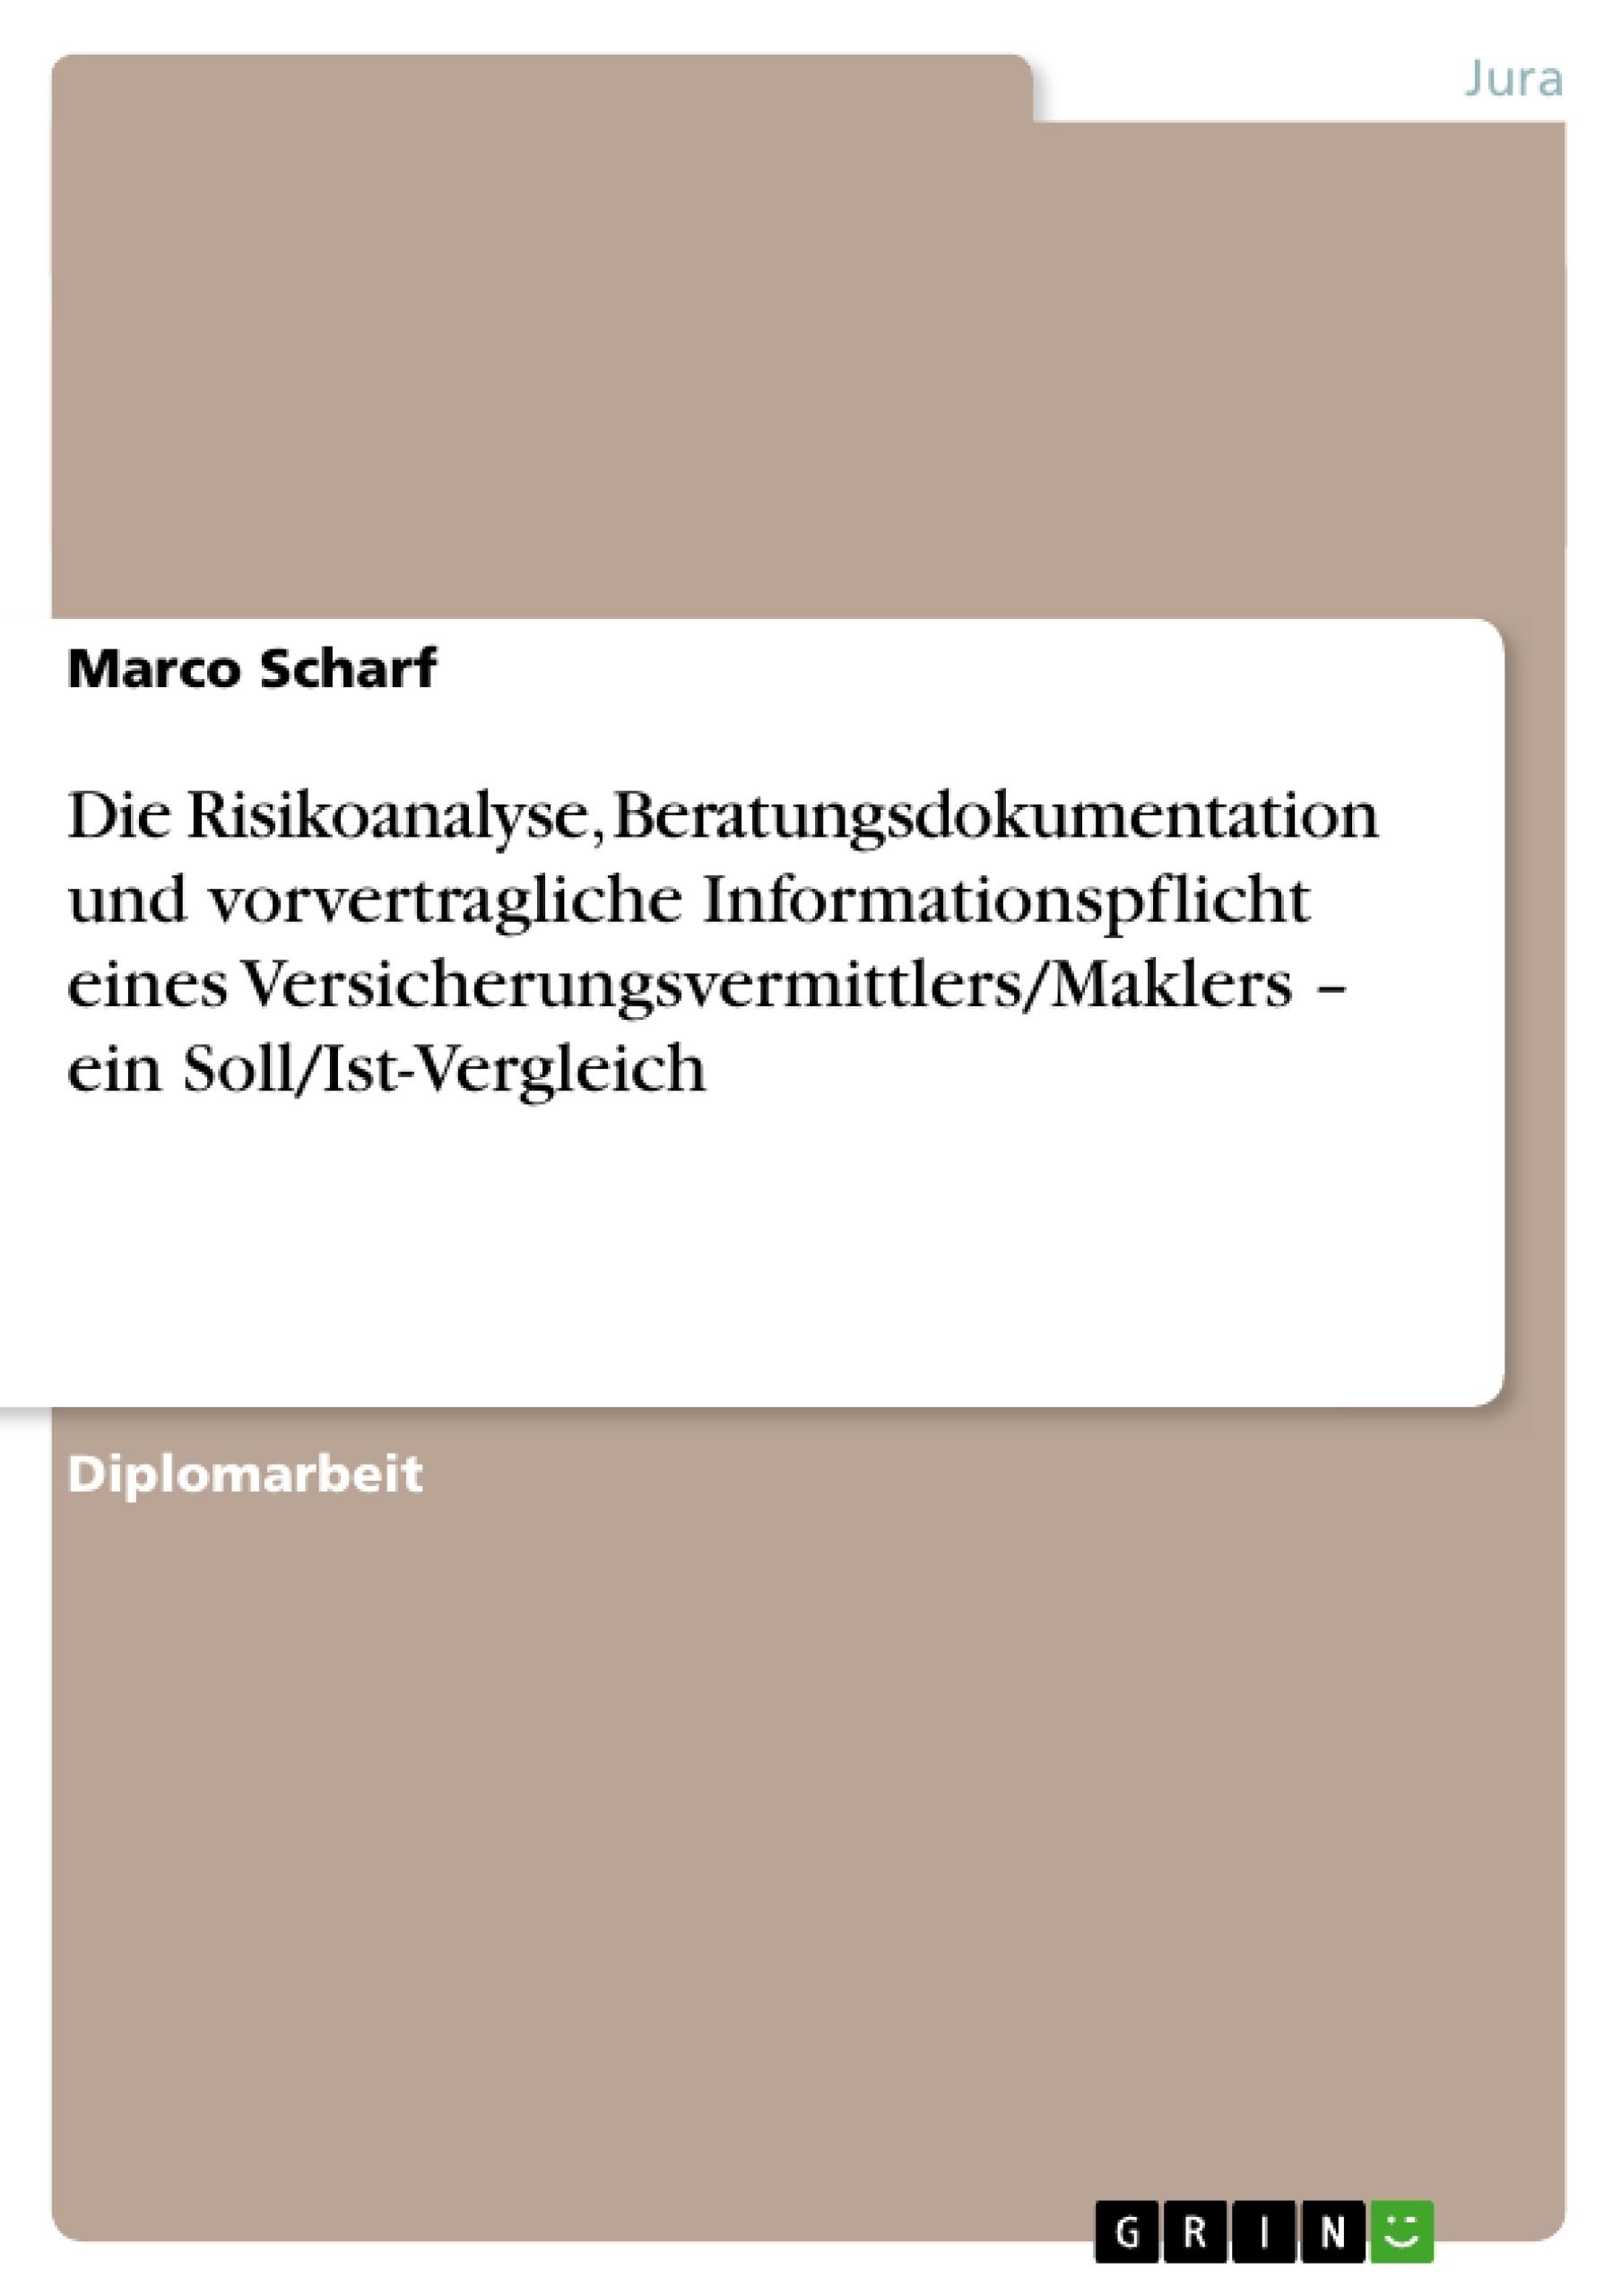 Titel: Die Risikoanalyse, Beratungsdokumentation und vorvertragliche Informationspflicht eines Versicherungsvermittlers/Maklers – ein Soll/Ist-Vergleich